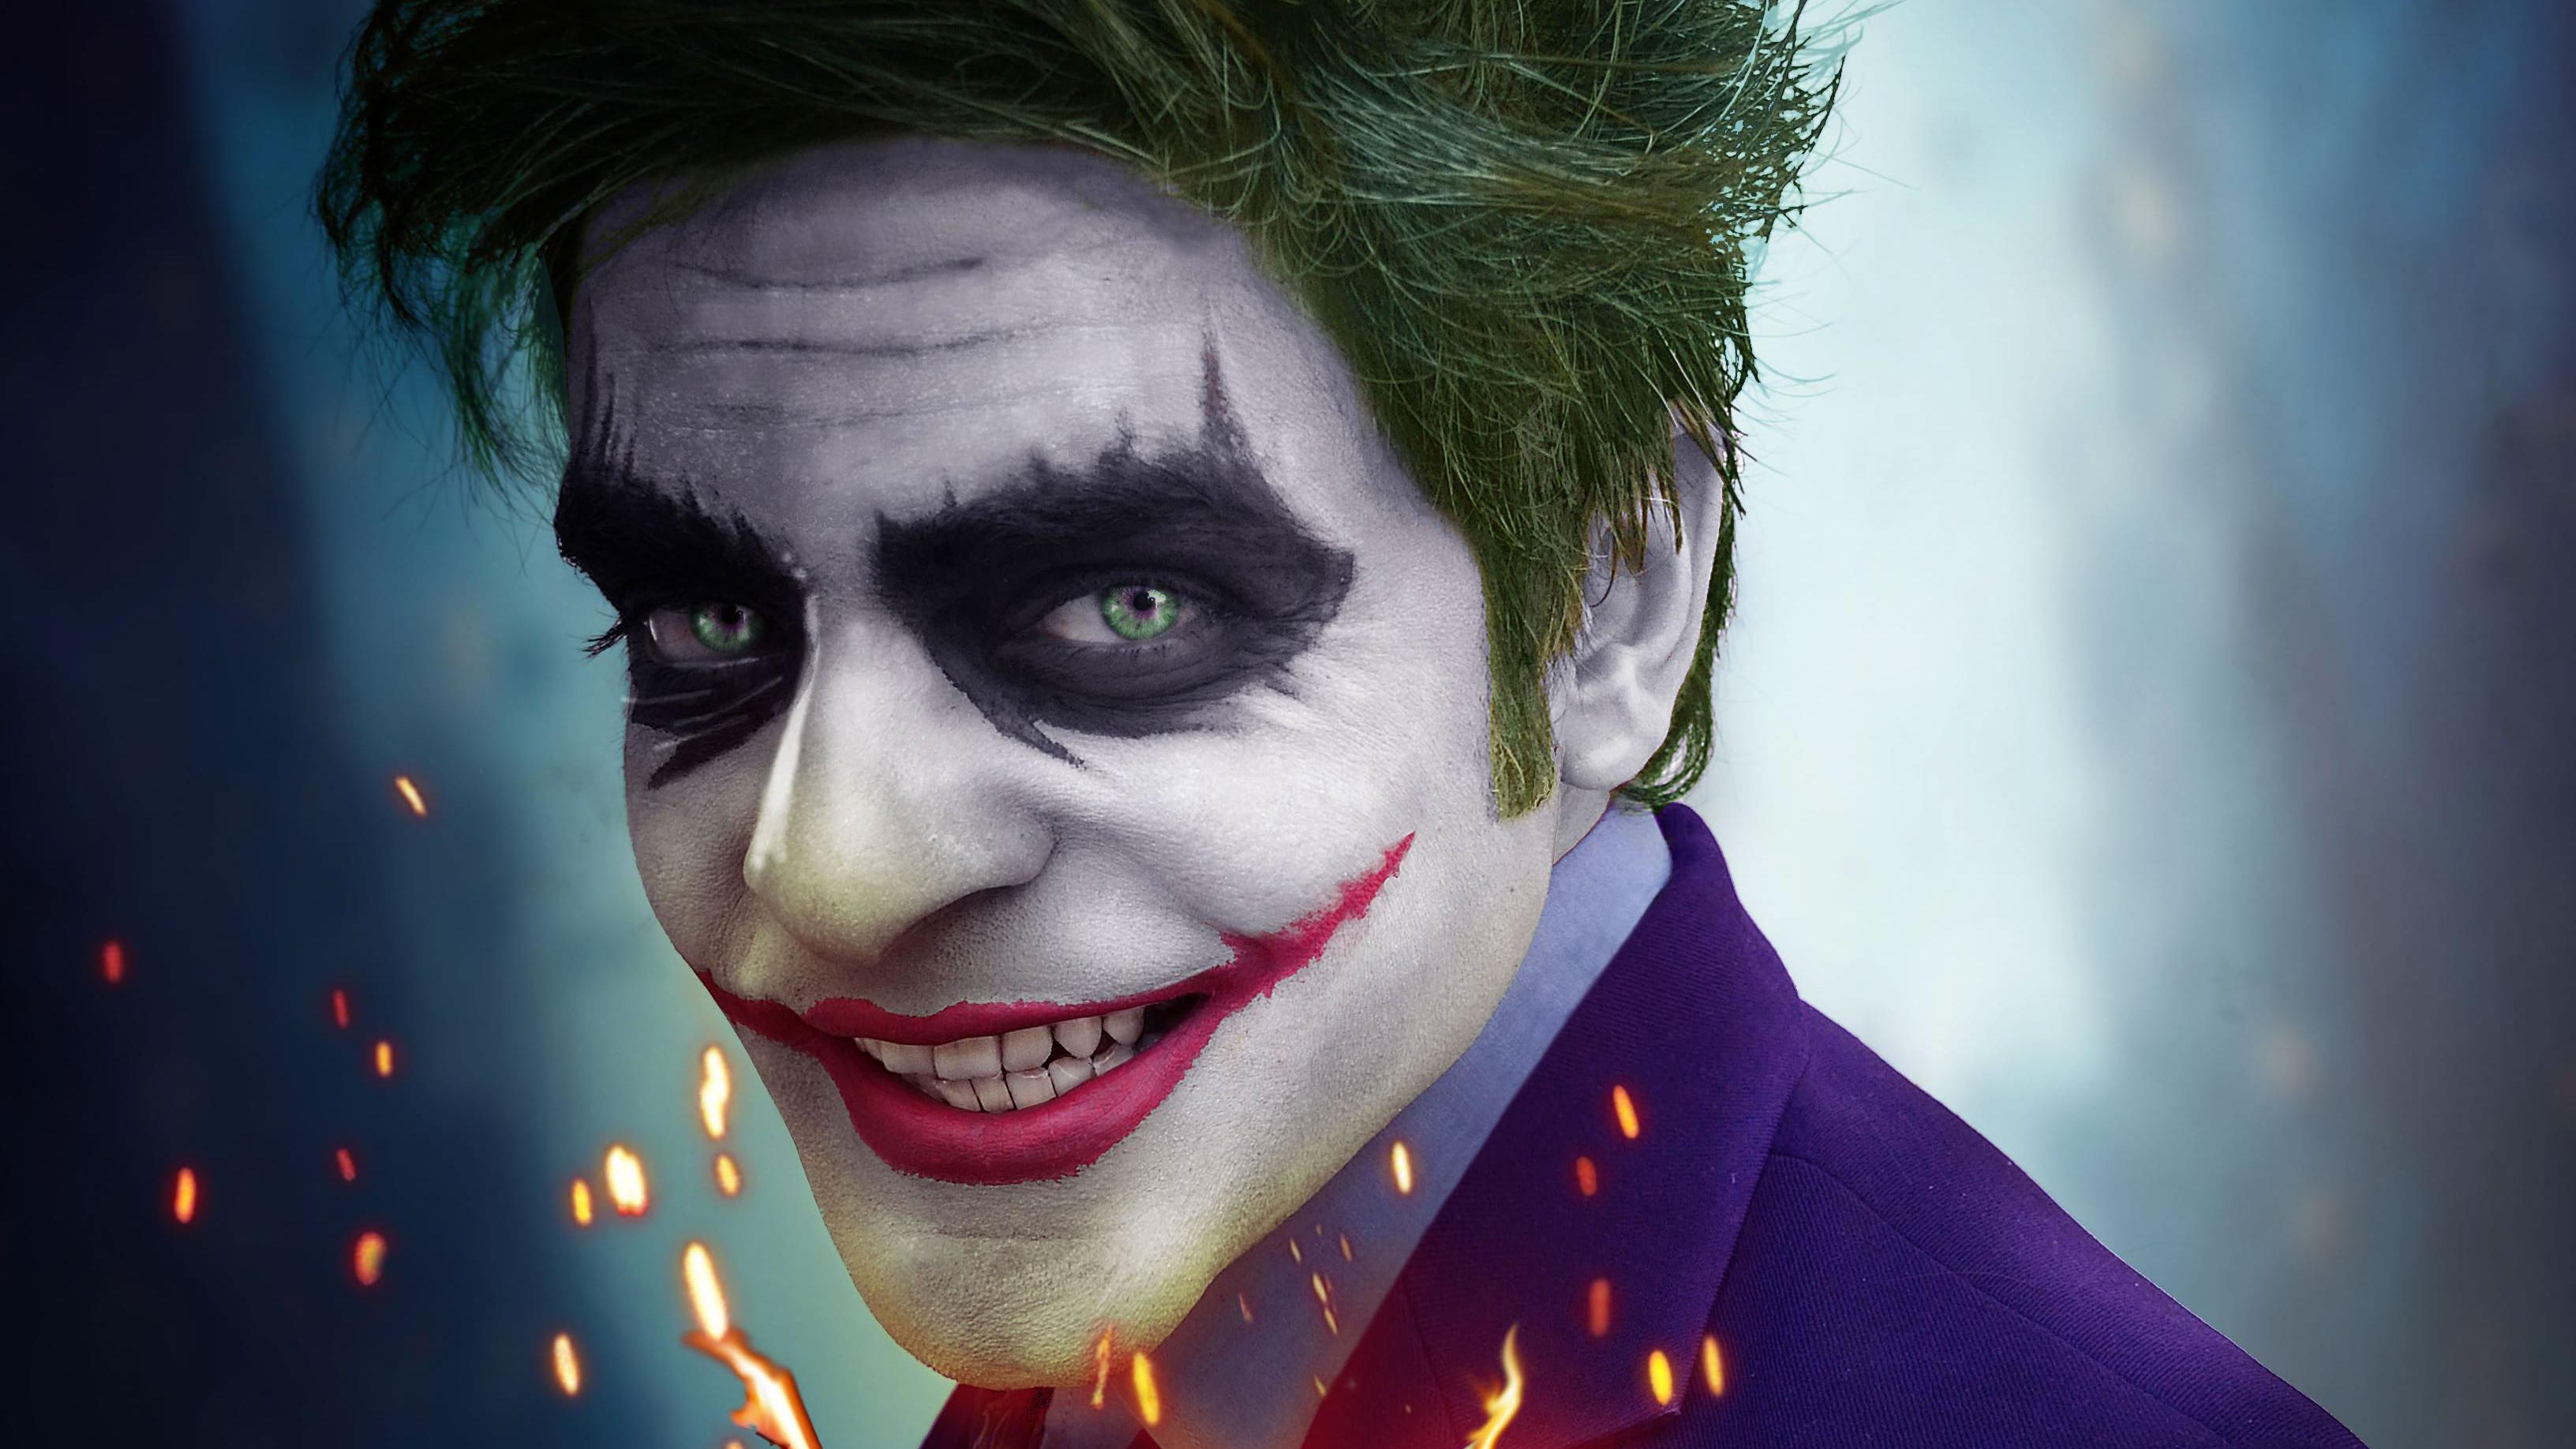 Joker smiling 4k hd superheroes 4k wallpapers images for Joker wallpaper 4k